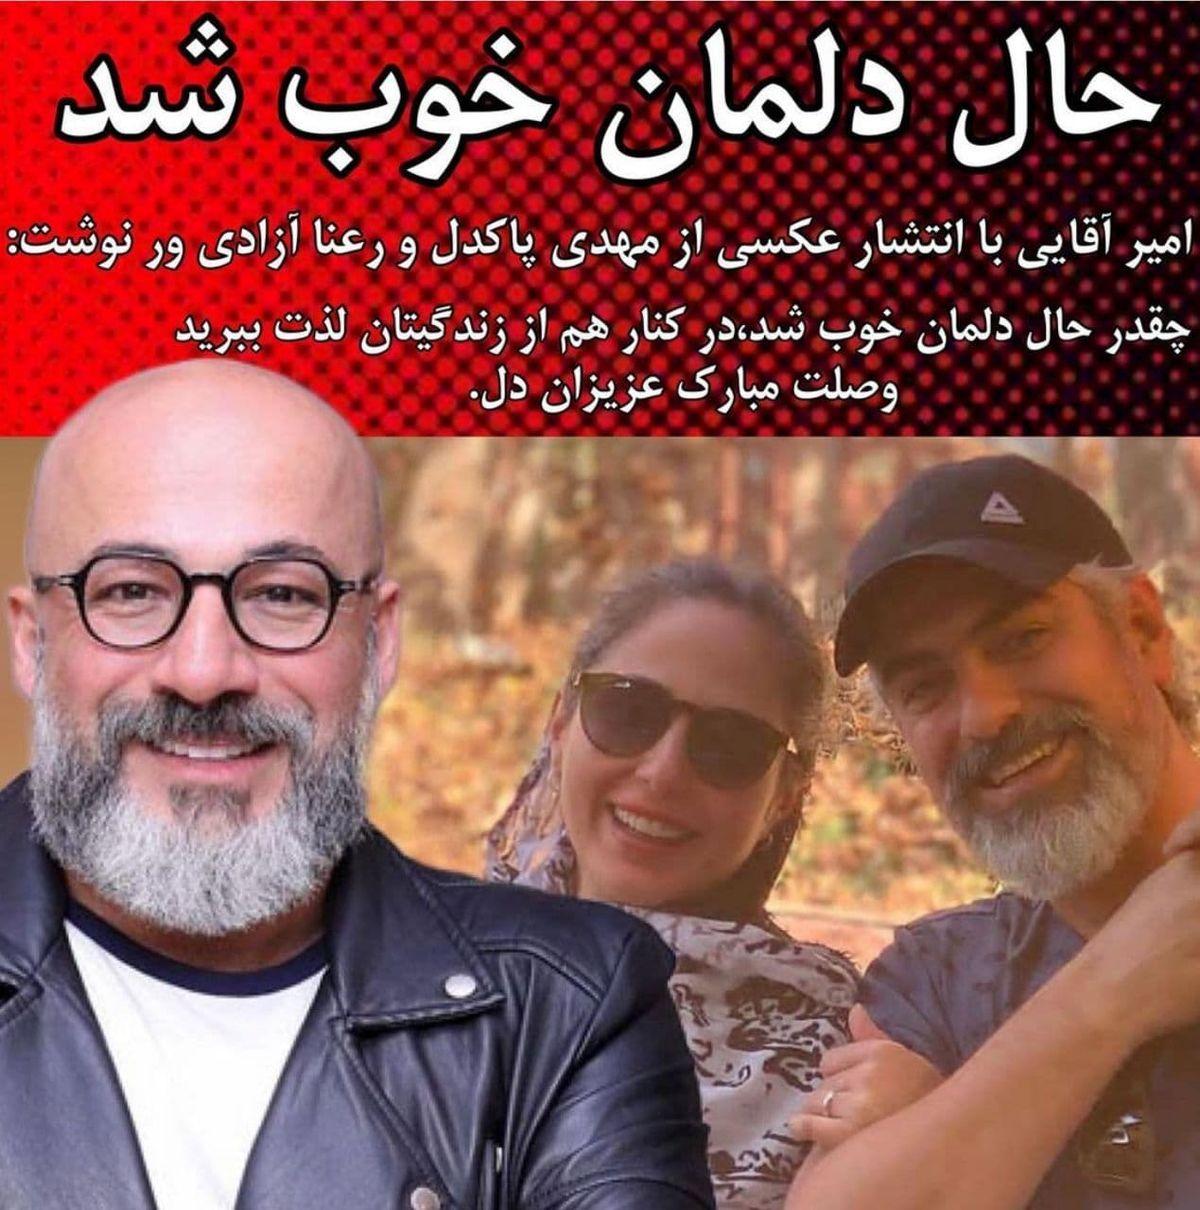 ازدواج عجیب مهدی پاکدل و رعنا آزادی ور بازیگران مطرح سینمای ایران+عکس